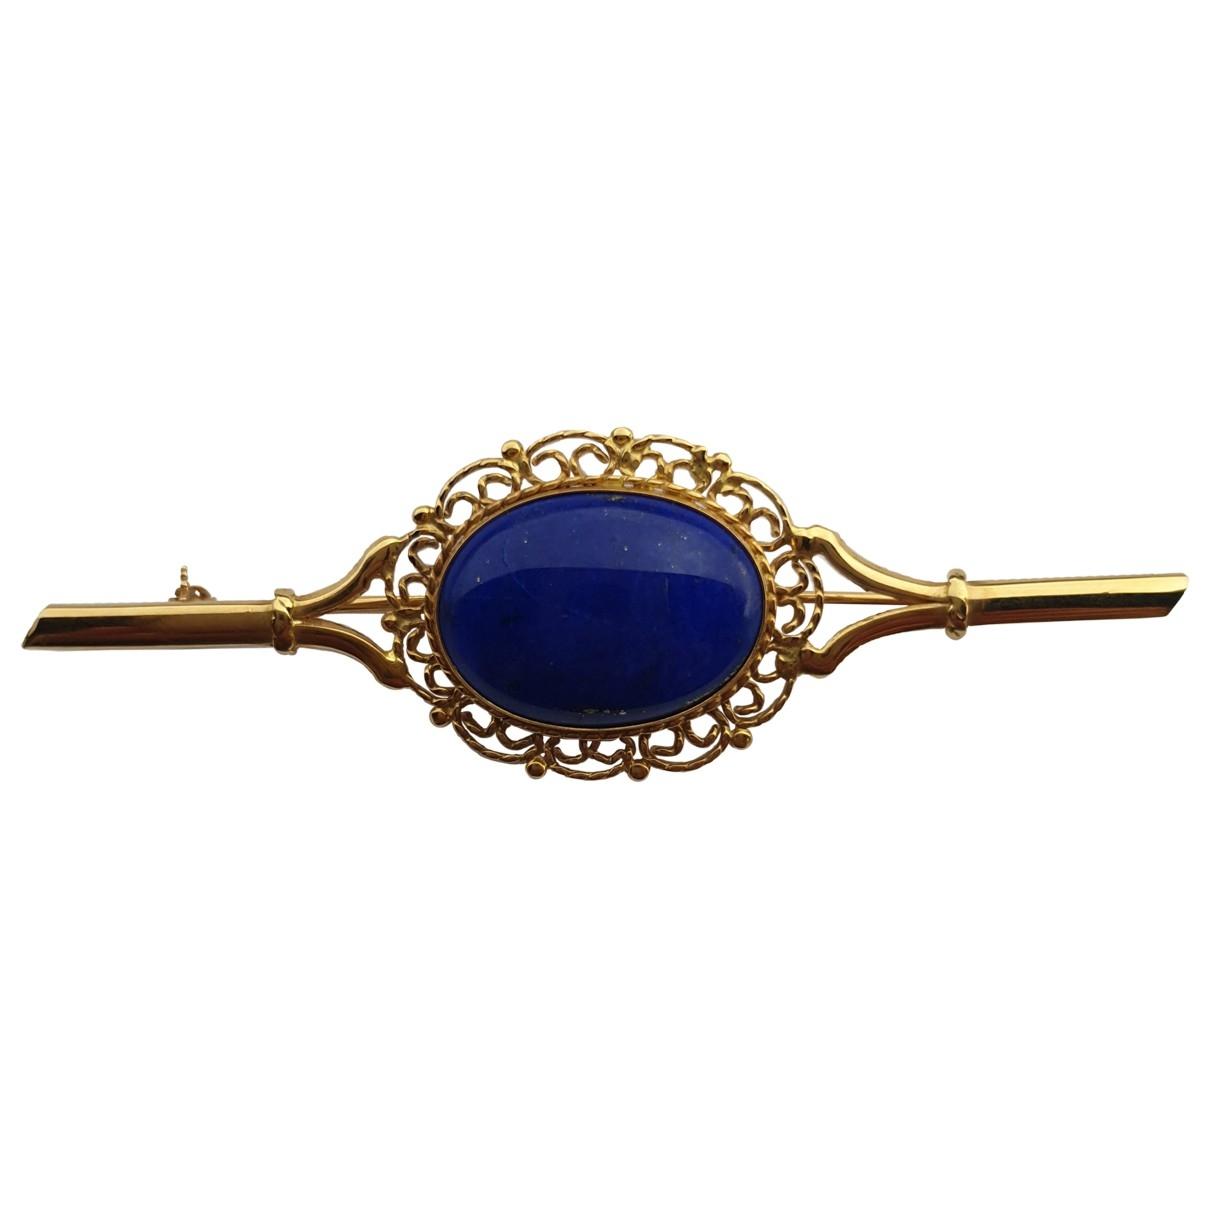 Broche Lapis lazuli de Oro amarillo Non Signe / Unsigned